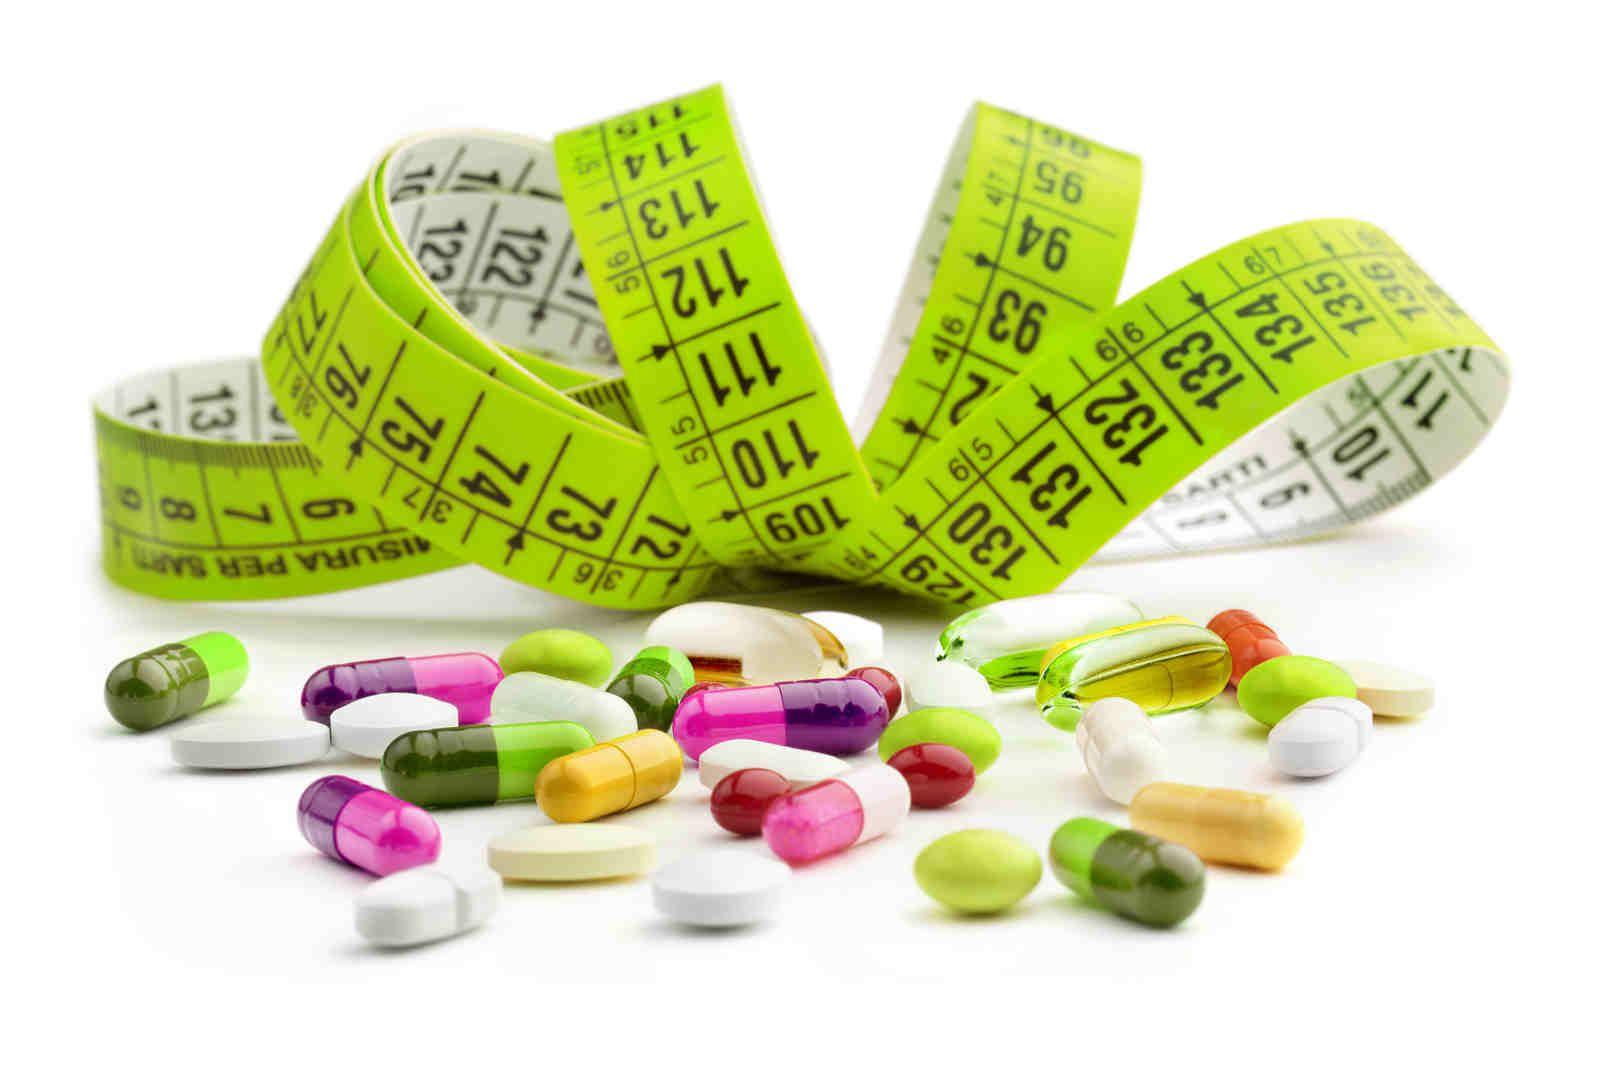 ТОП-17 эффективных и недорогих средств для похудения в аптеке